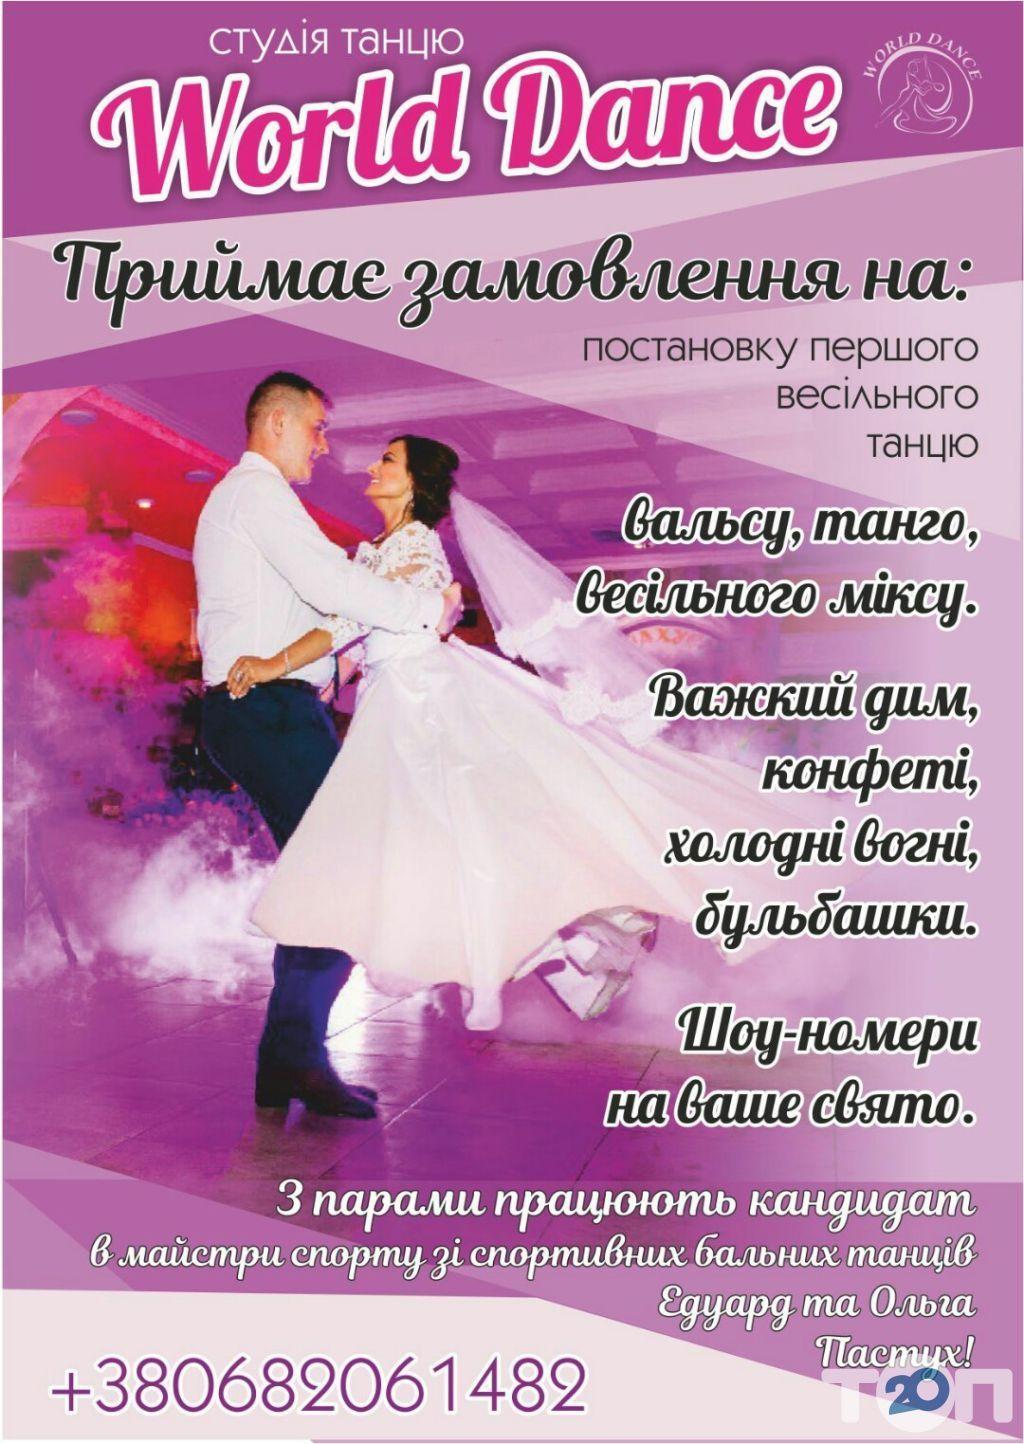 World Dance, Клуб спортивного бального танцю - фото 8